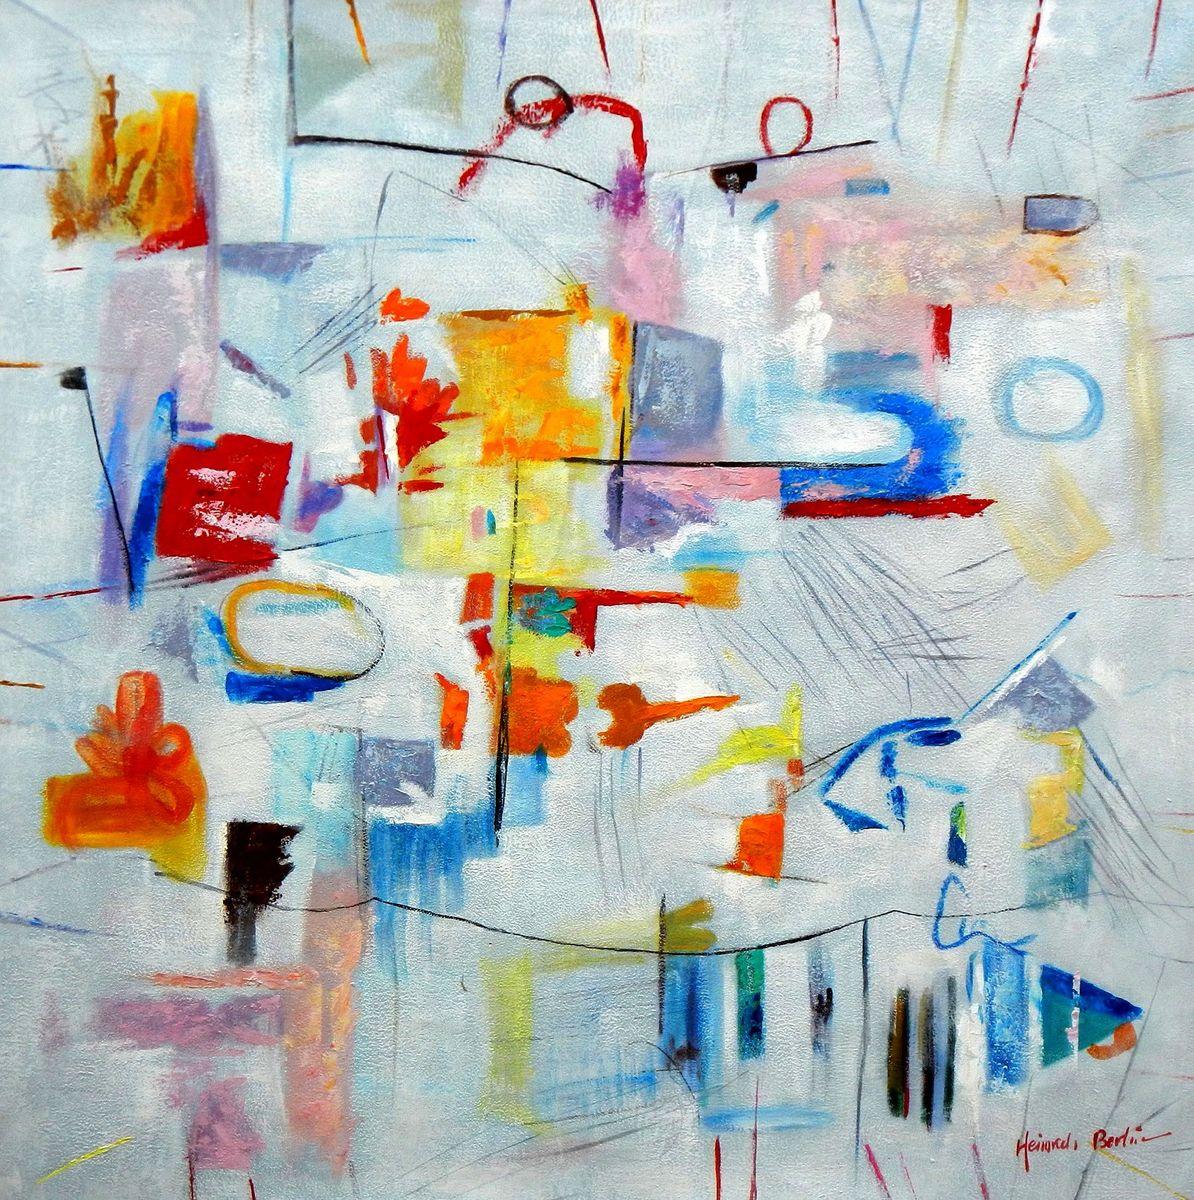 Abstract - Playground m96917 120x120cm abstraktes Gemälde handgemalt